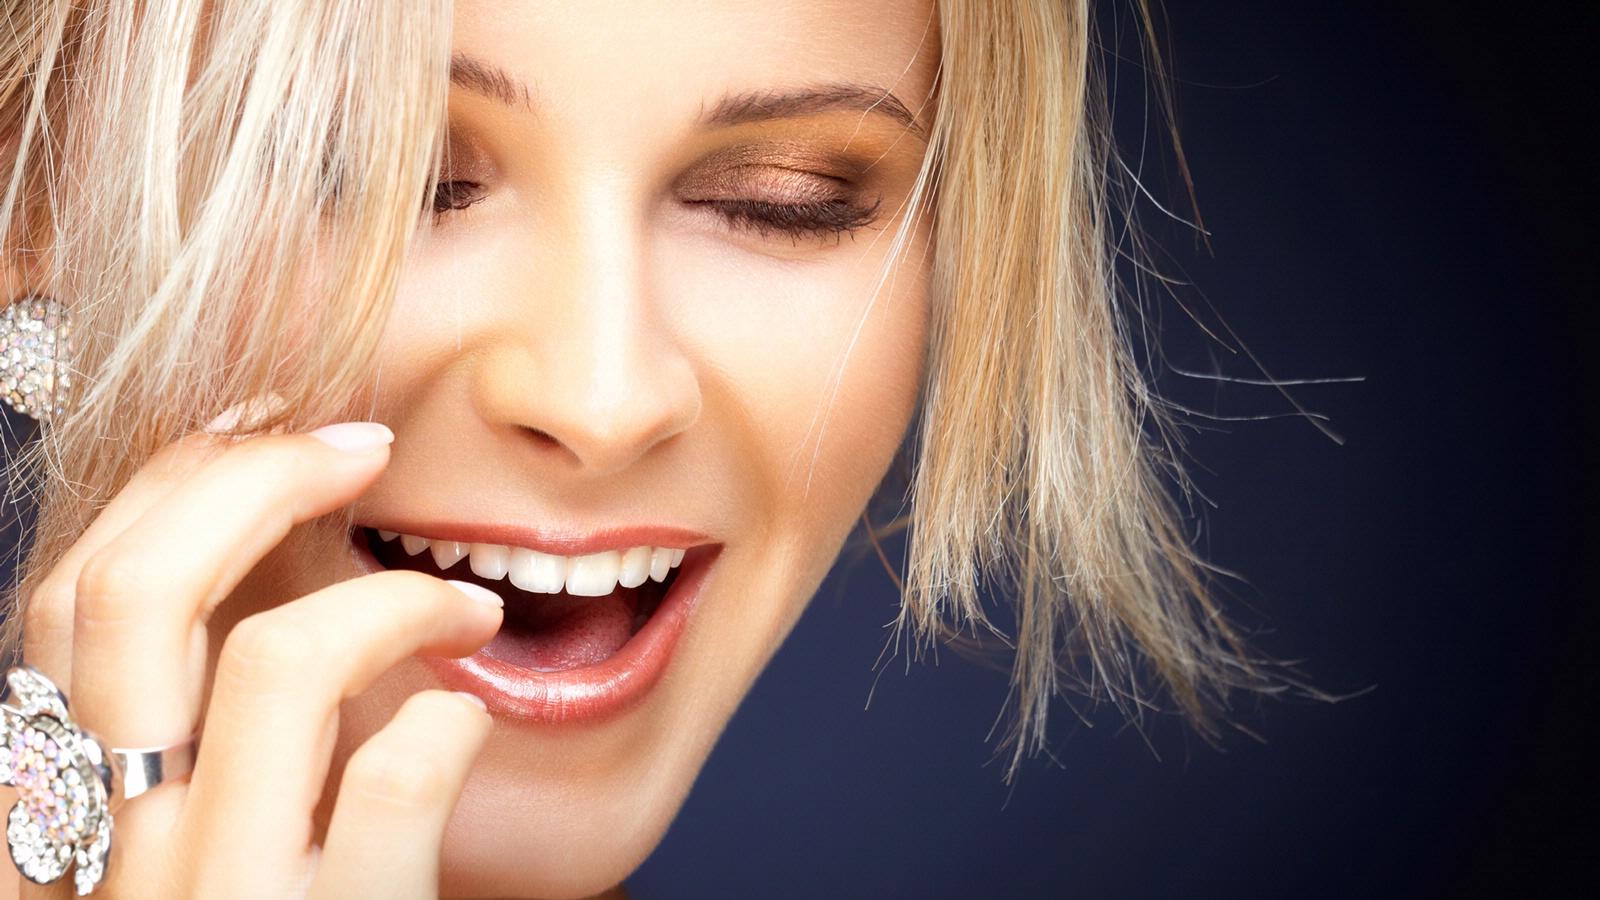 hogyan kell kezelni a bepattanó ízületet